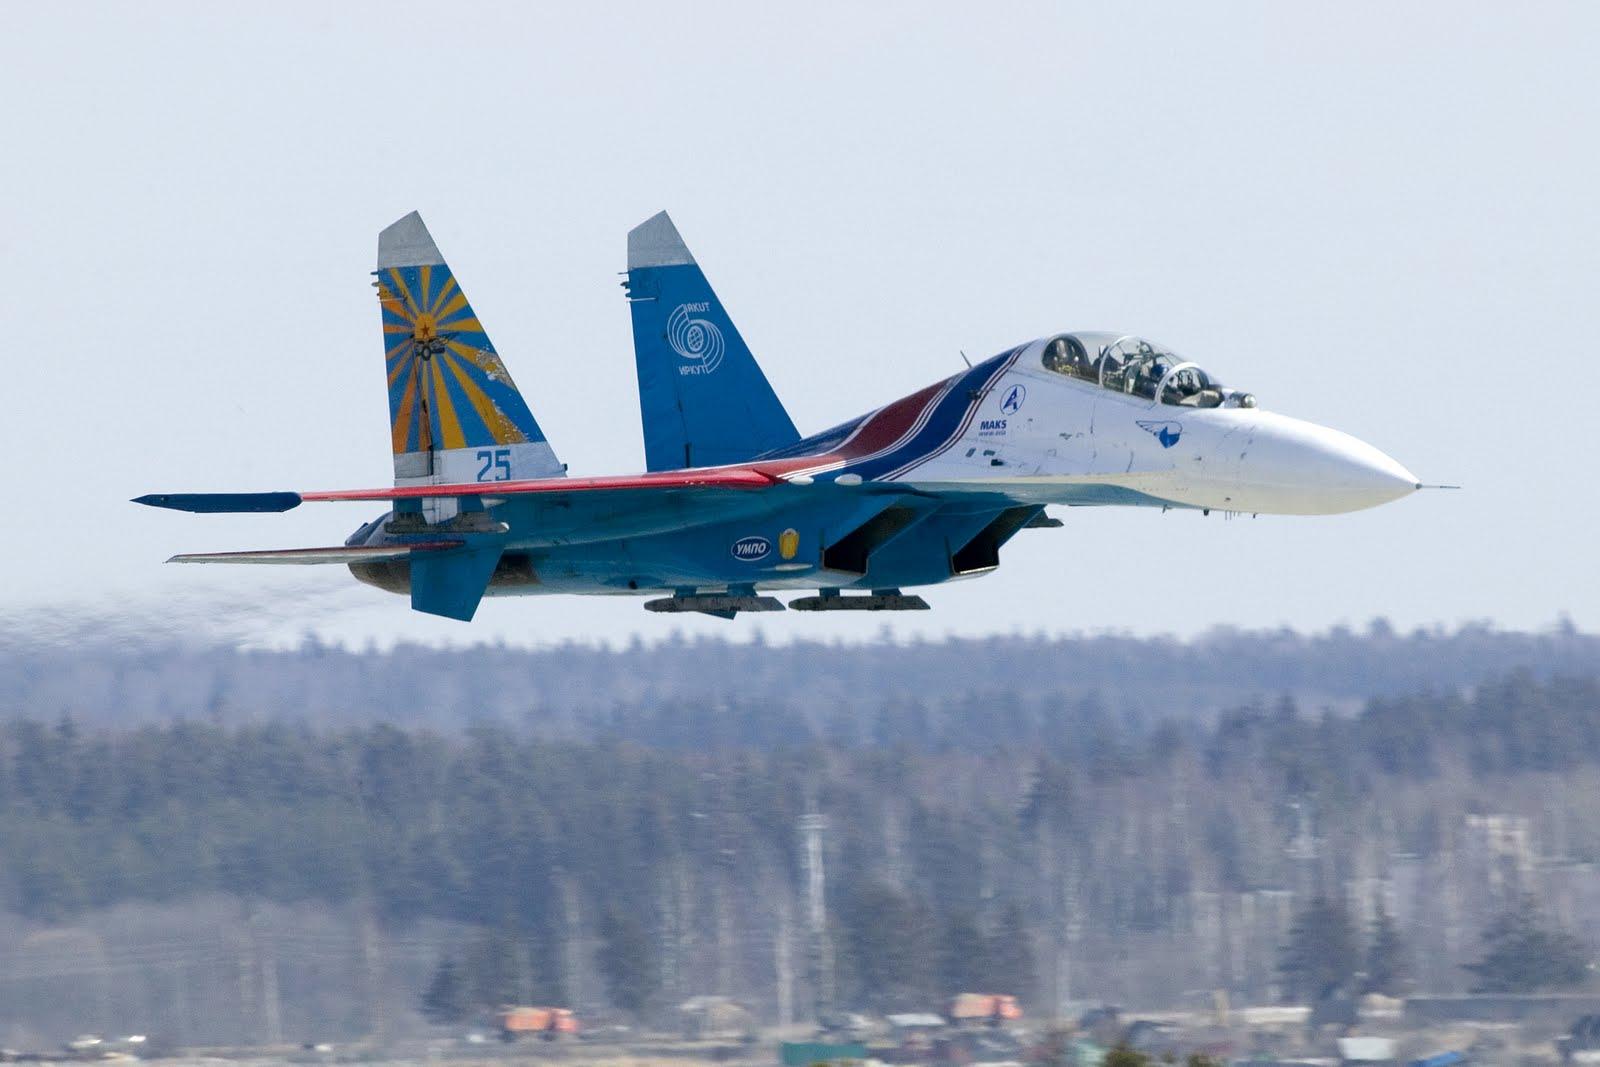 Global War Birds: Sukhoi Su-27